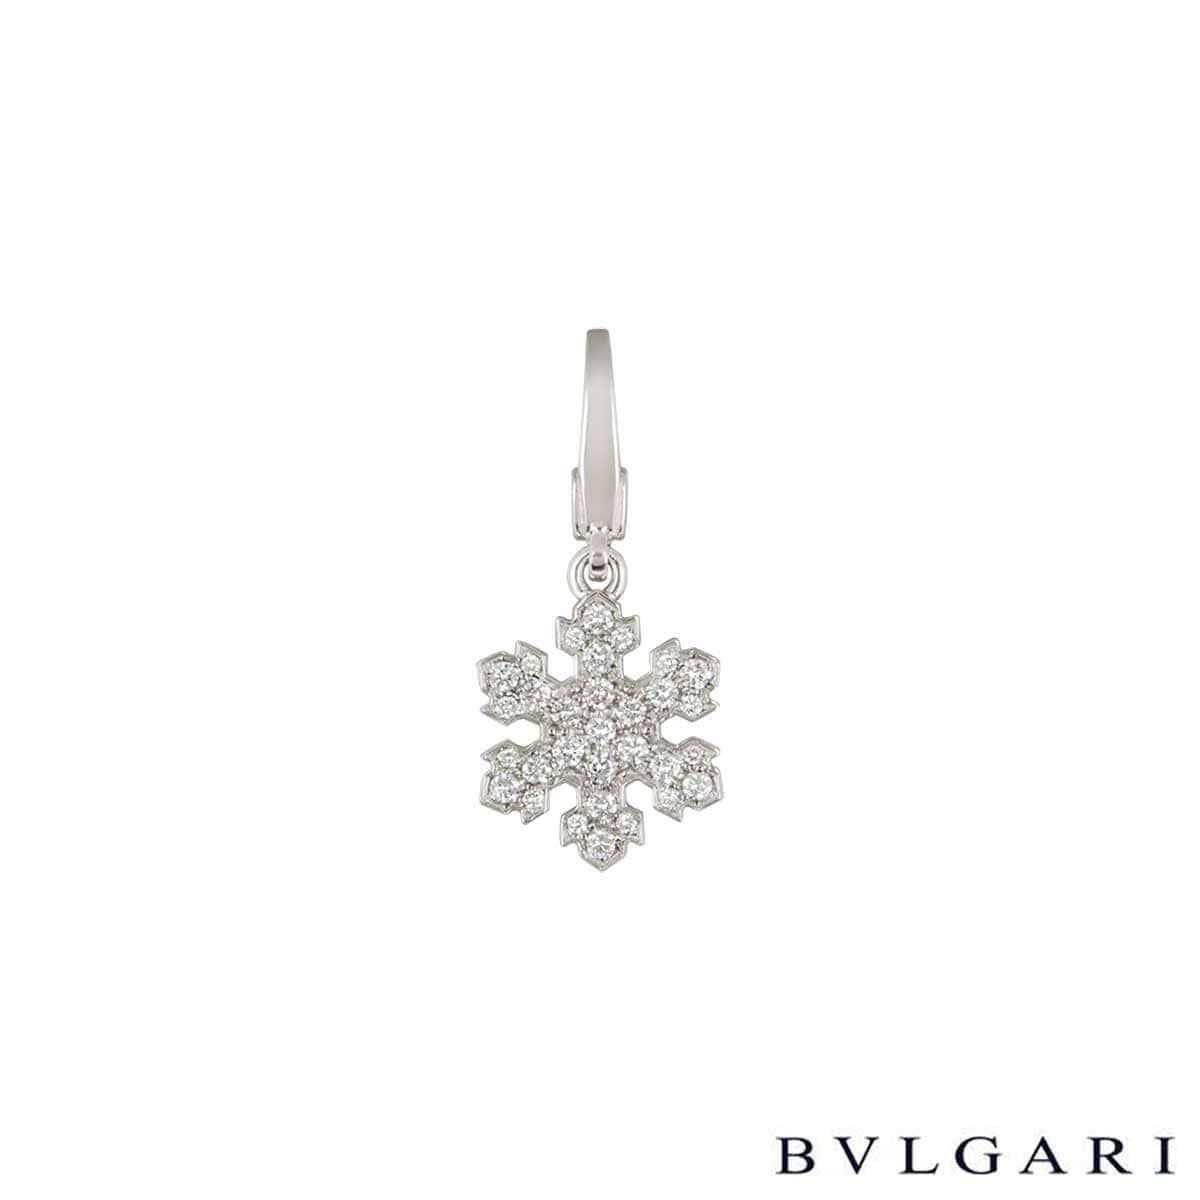 Bvlgari White Gold Diamond Fiocco De Neve Pendant